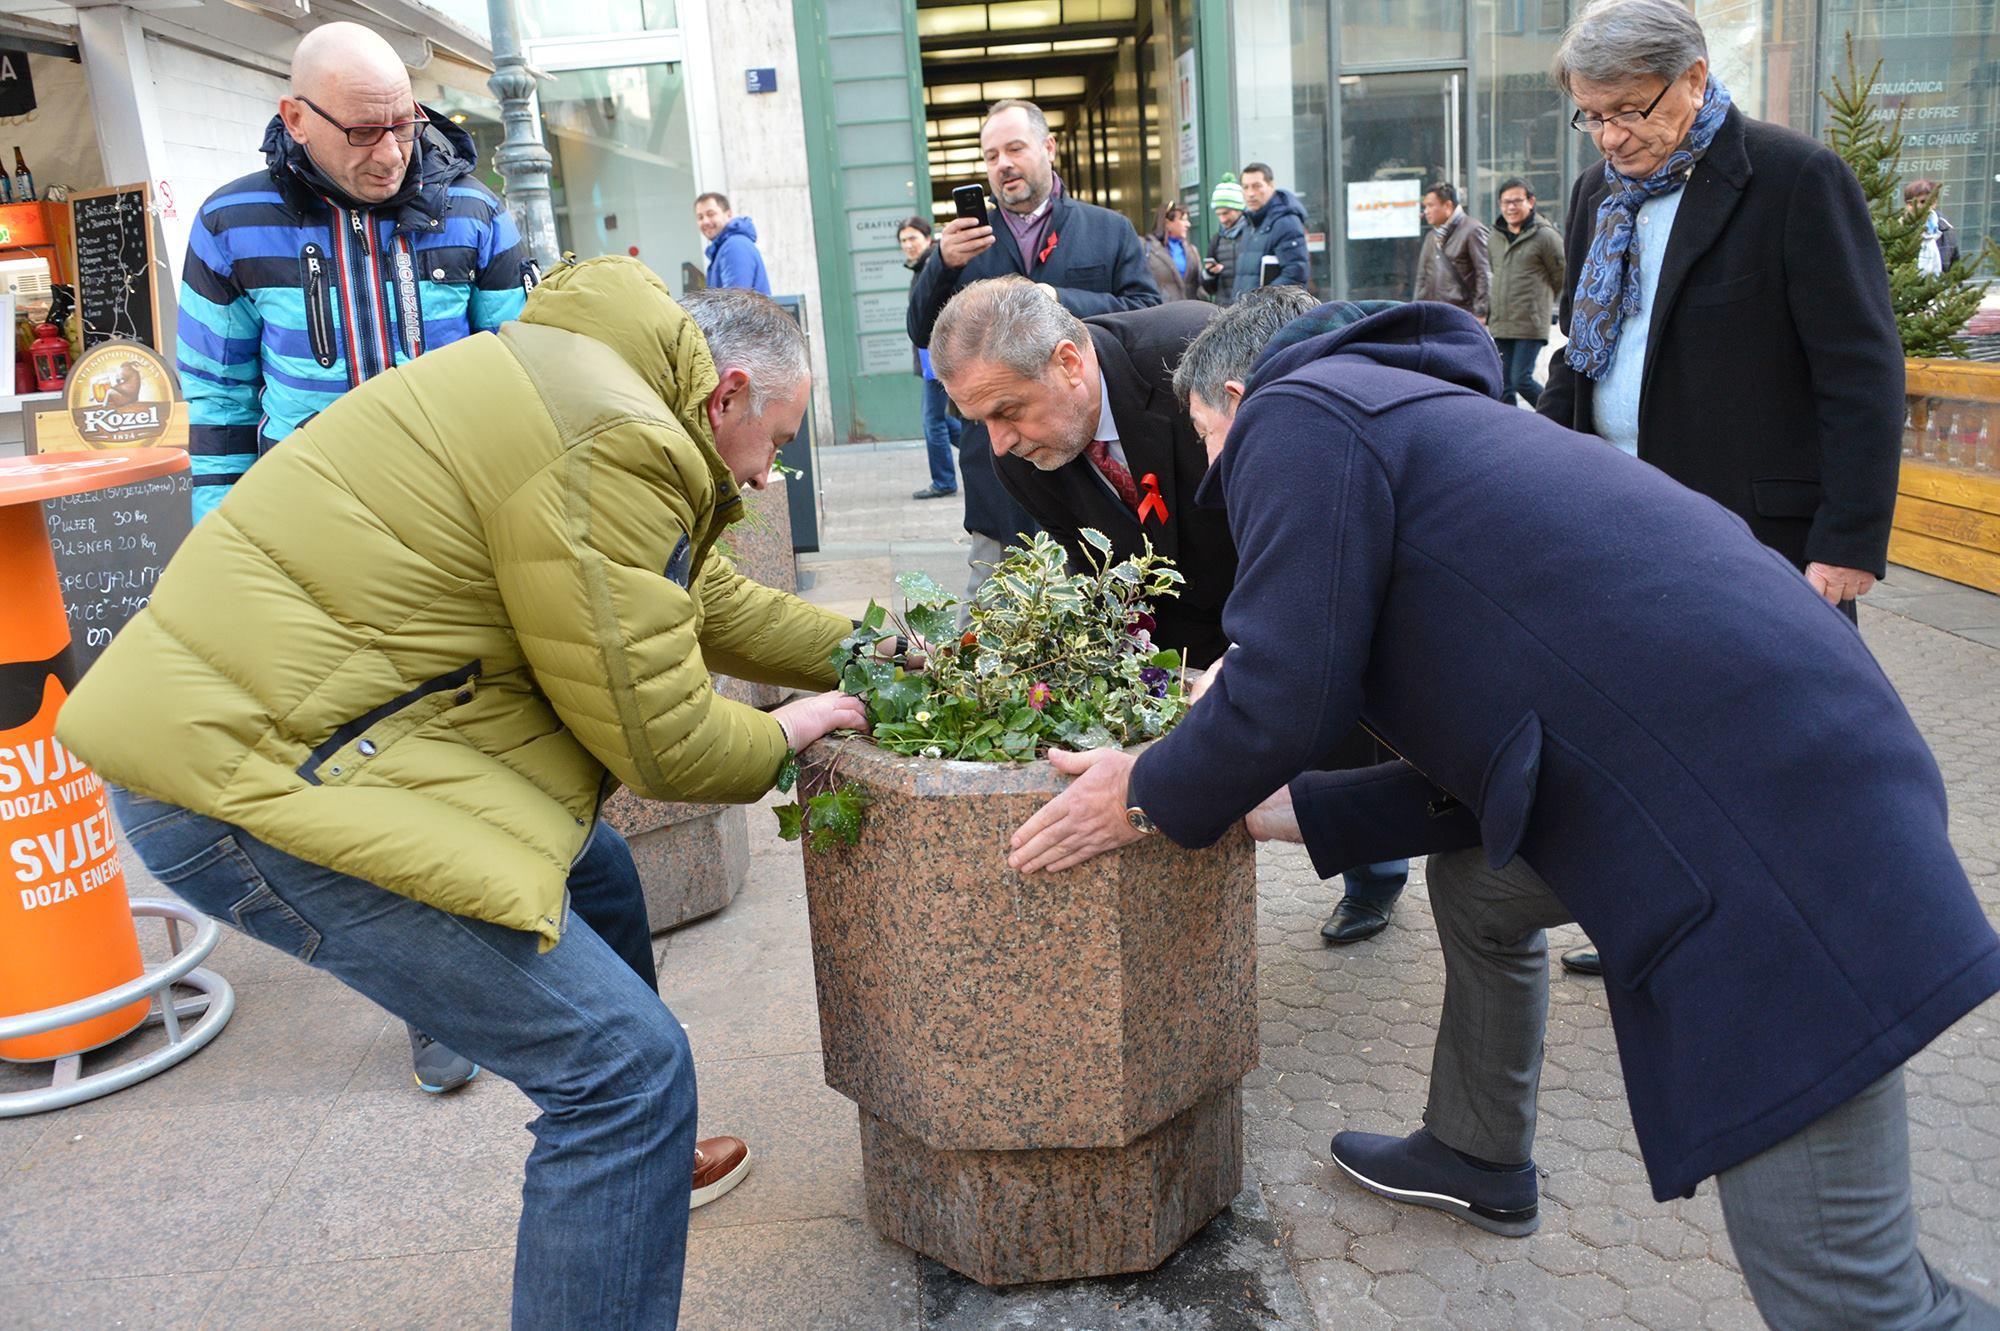 Milan Bandić, gradonačelnik, s ekipom vraća žardinjeru na njezino mjesto (Foto: Facebook)